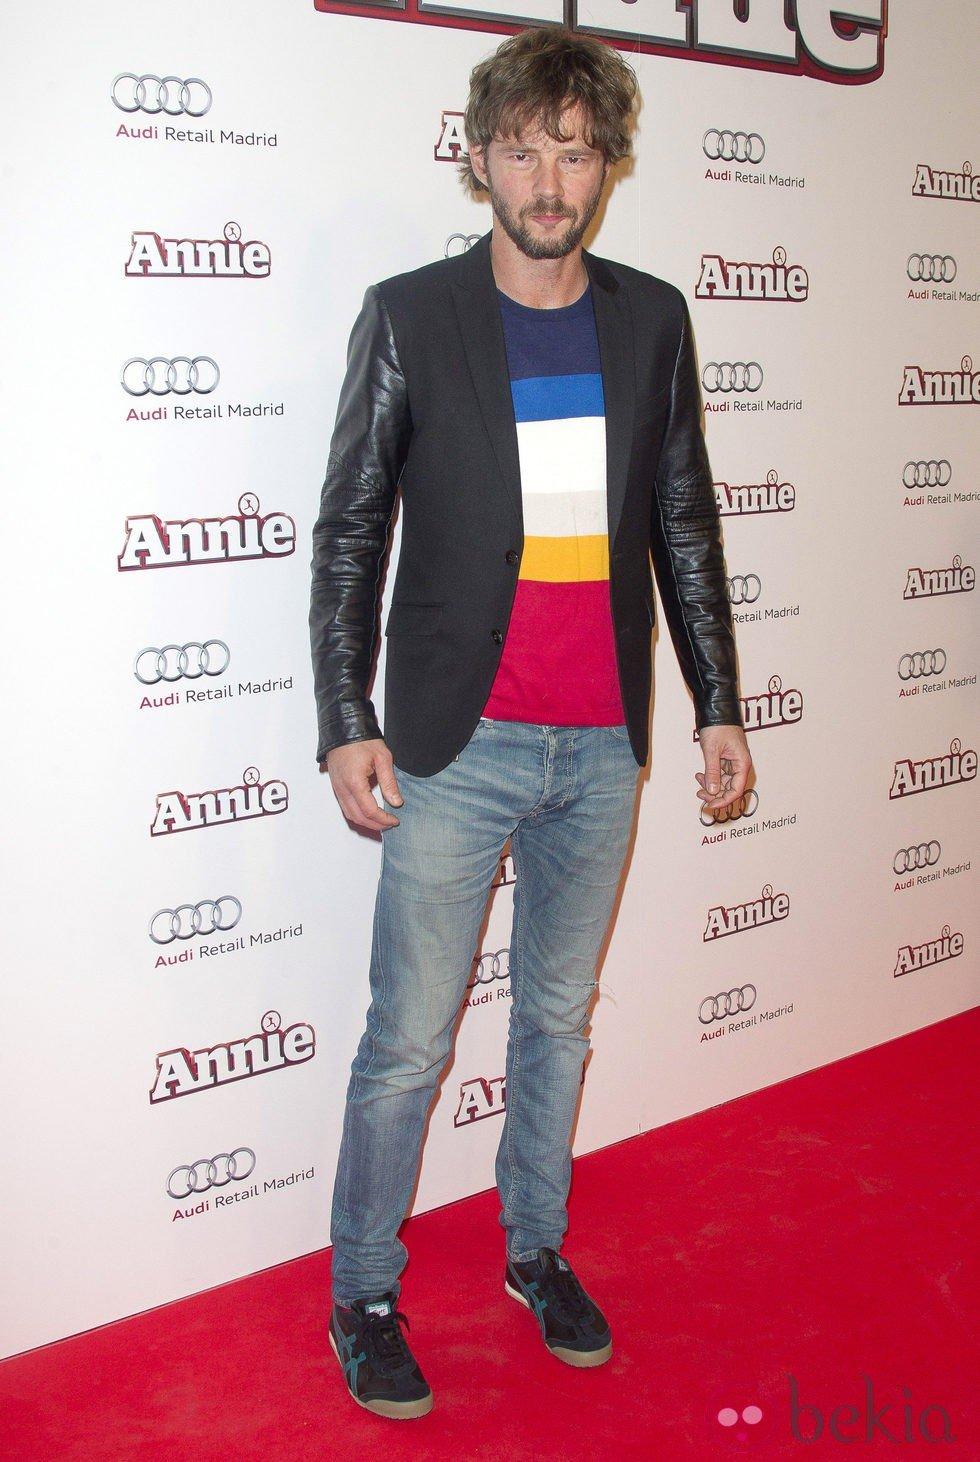 Eloy Azorín en la premiere de 'Annie' en Madrid